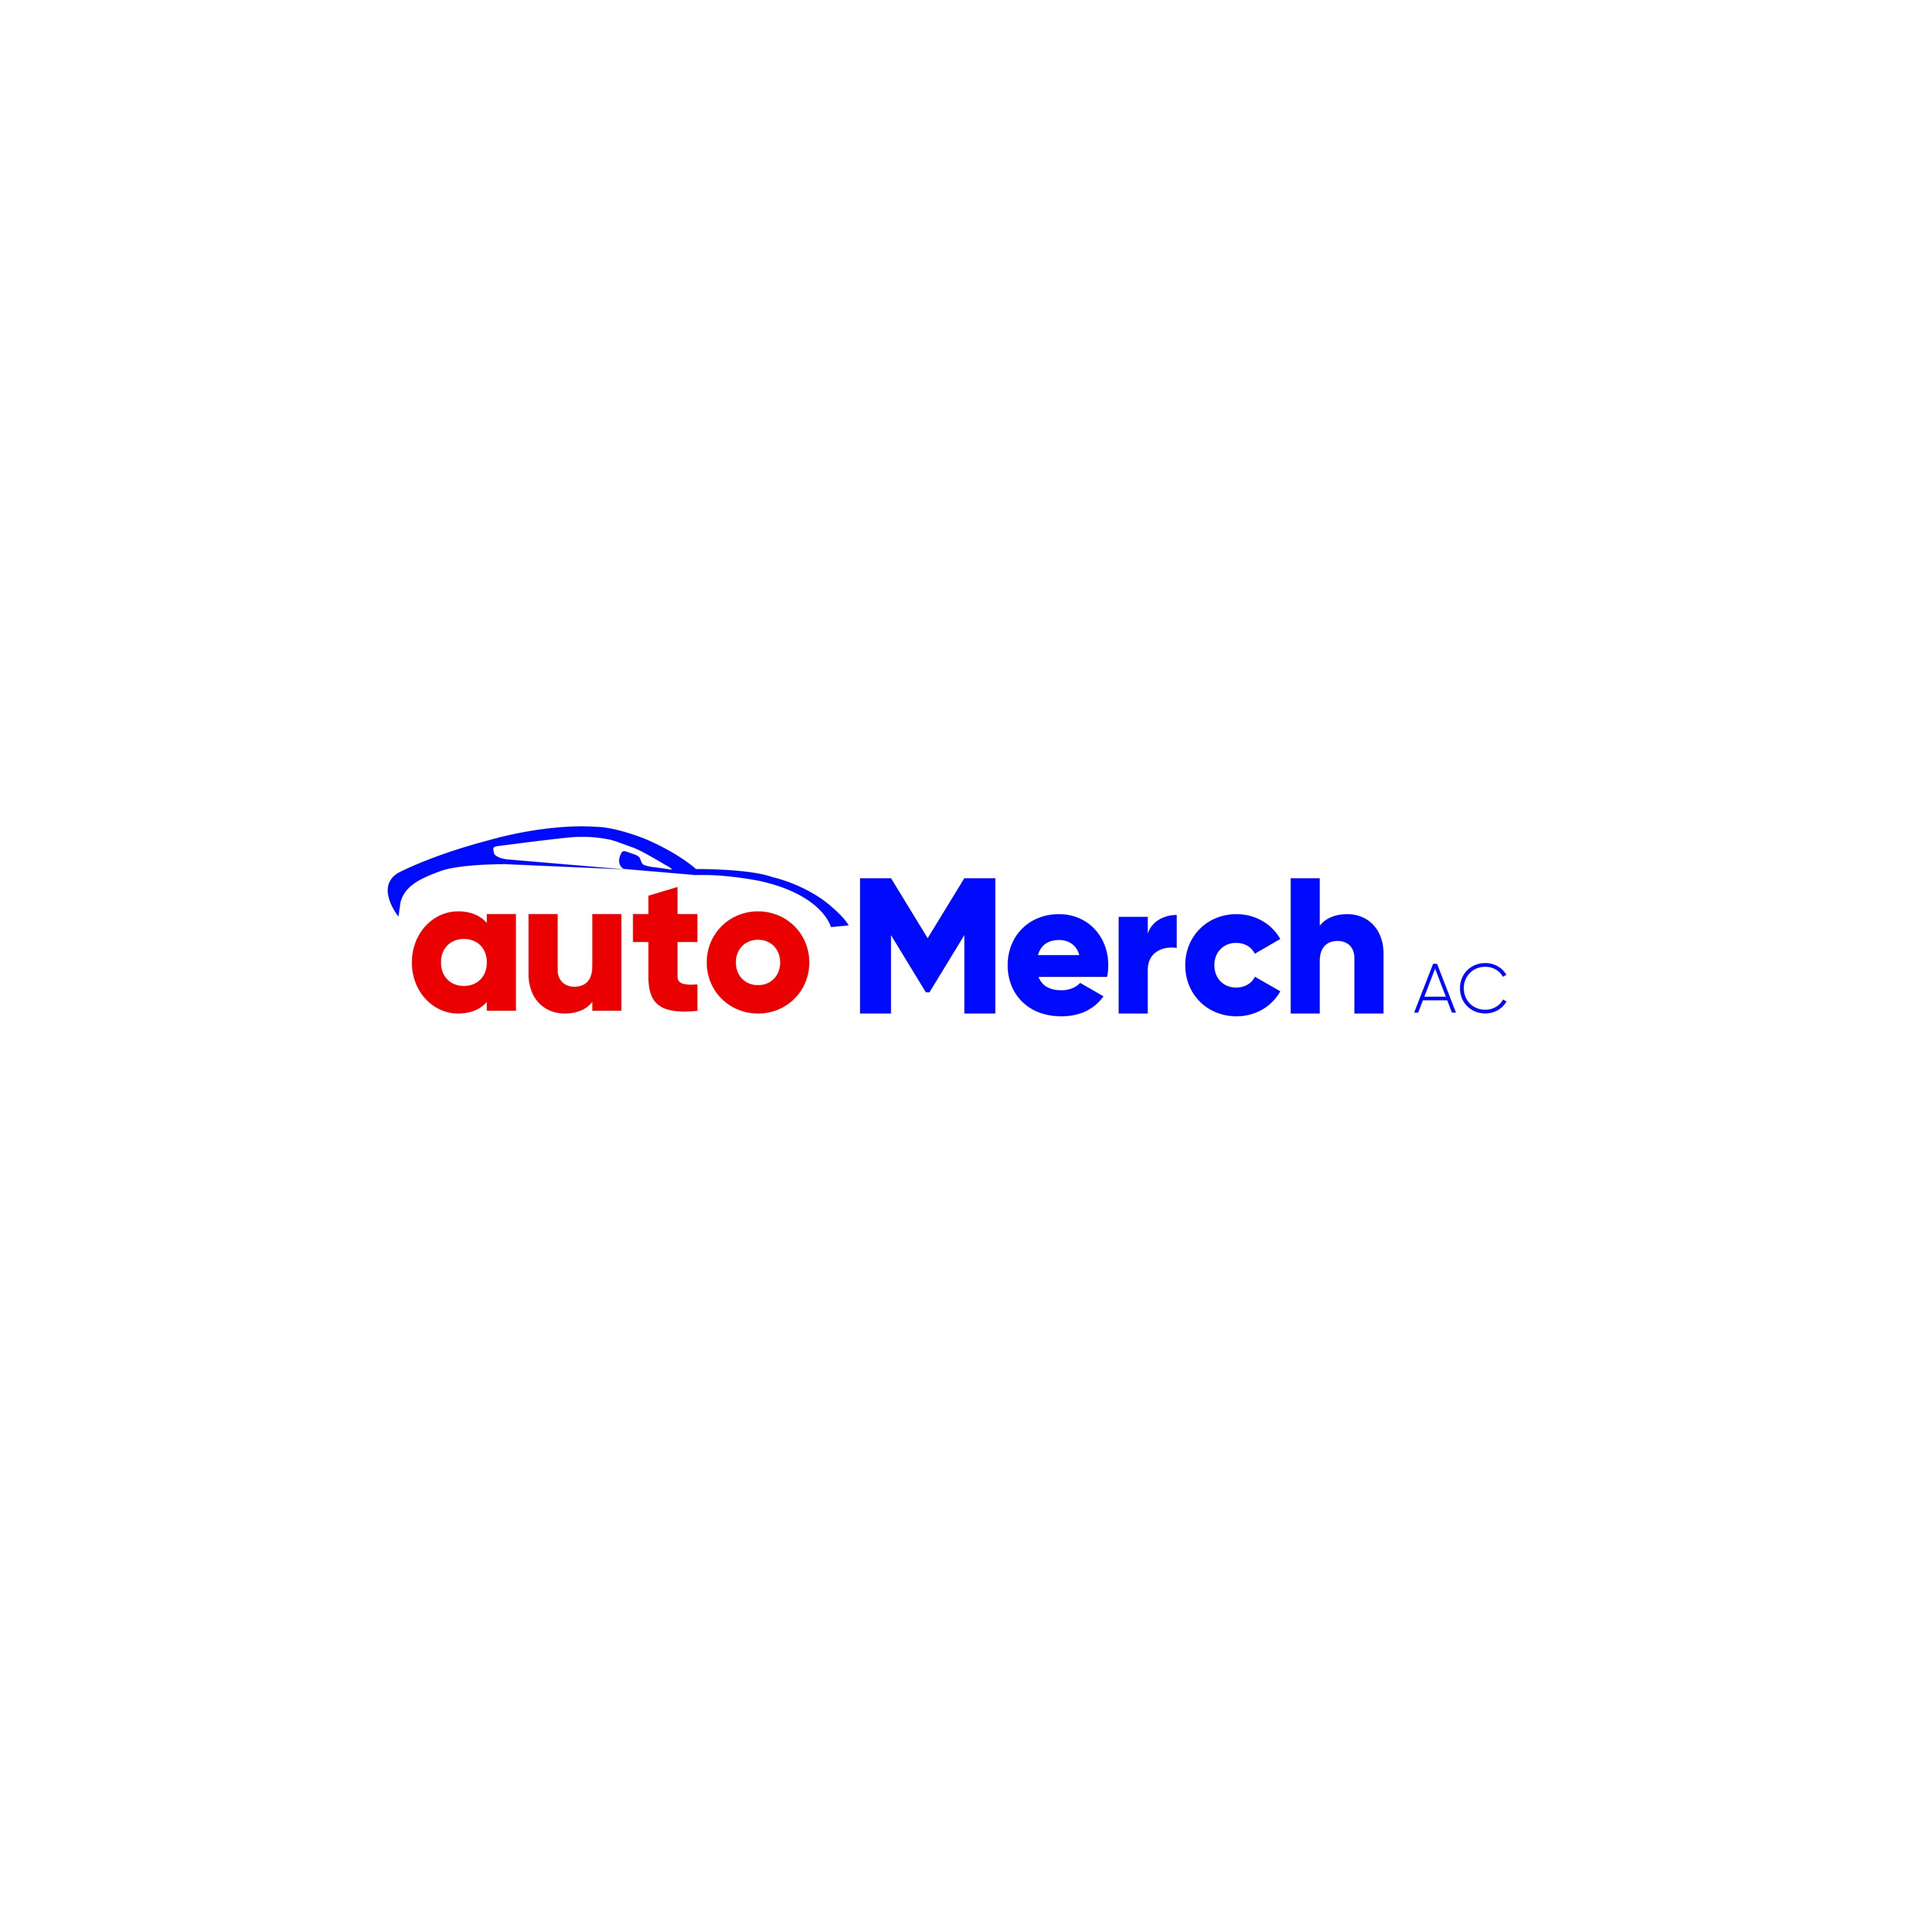 Auto Merch AC